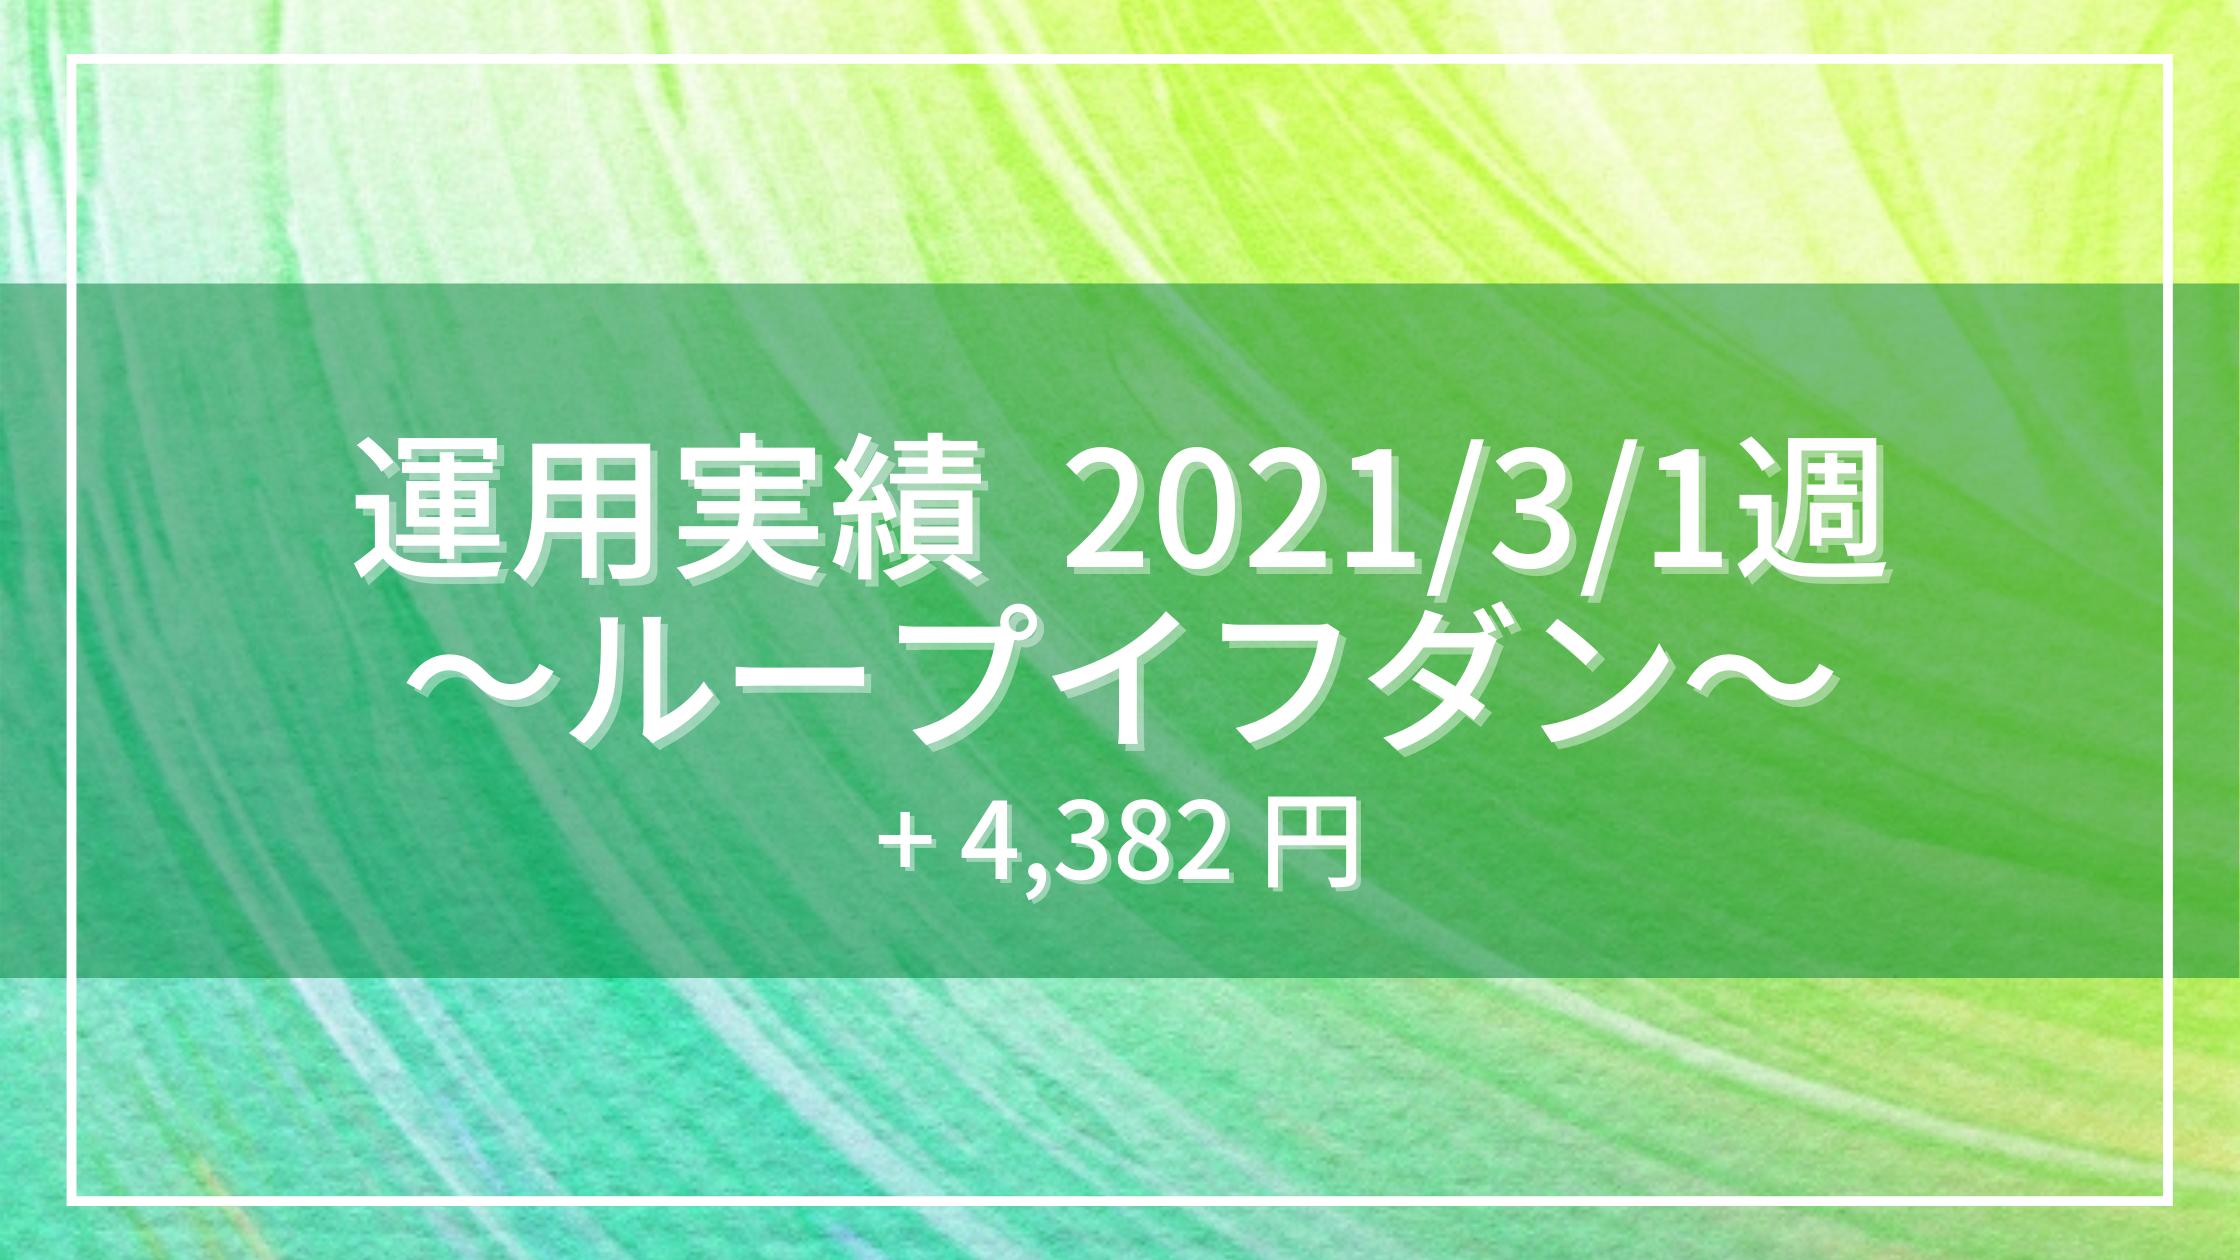 20210301_運用実績_ループイフダン